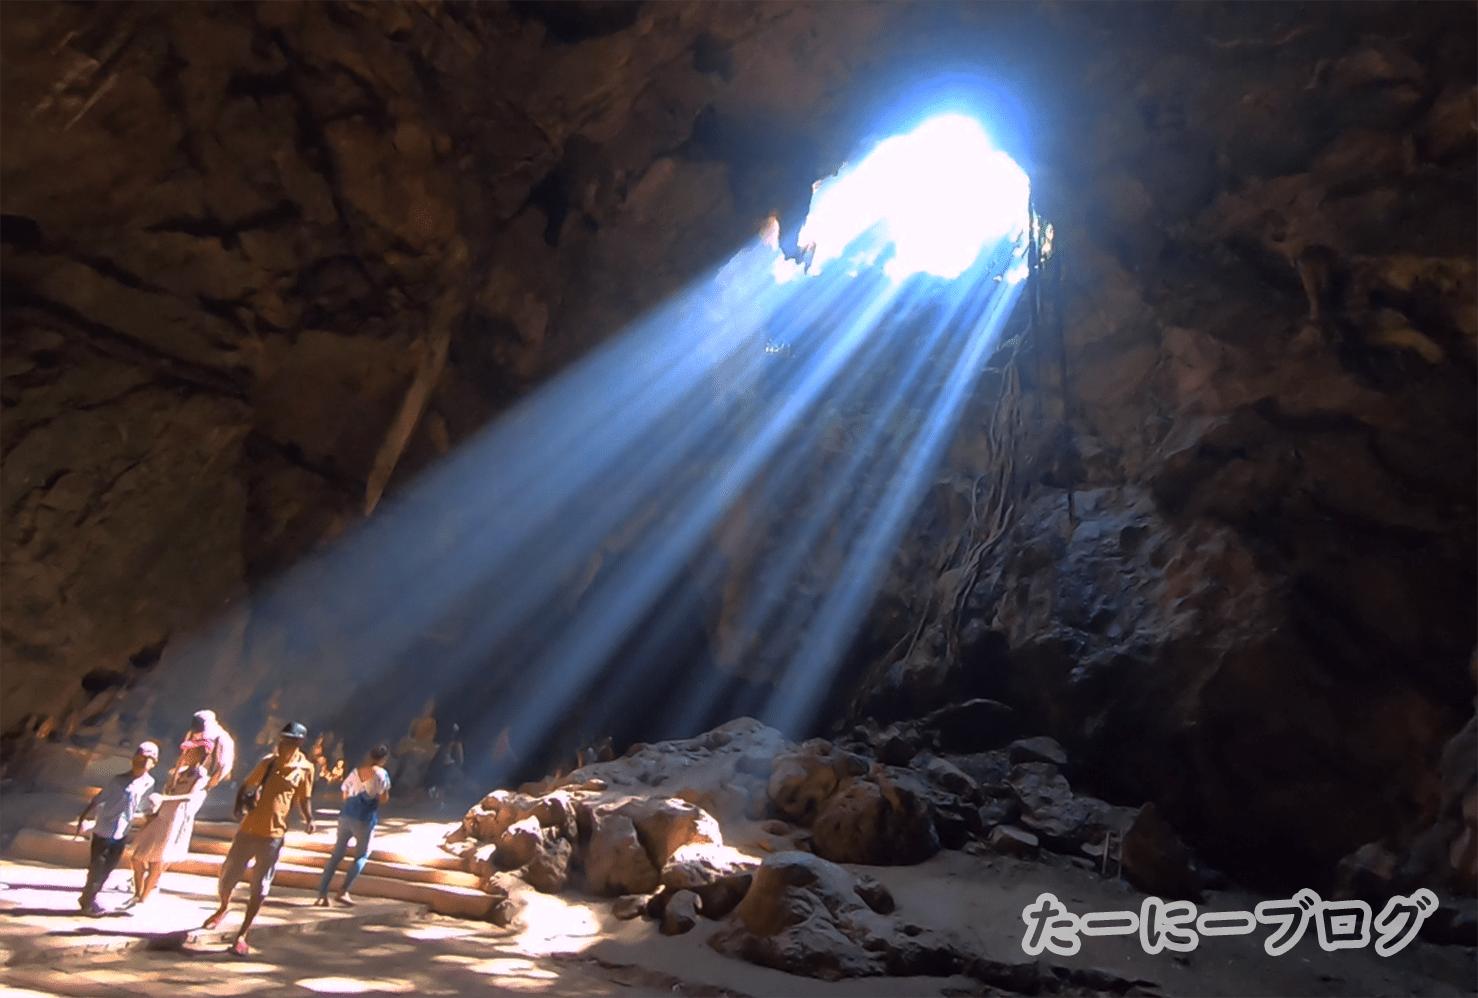 カオルアン最初の聖なる光